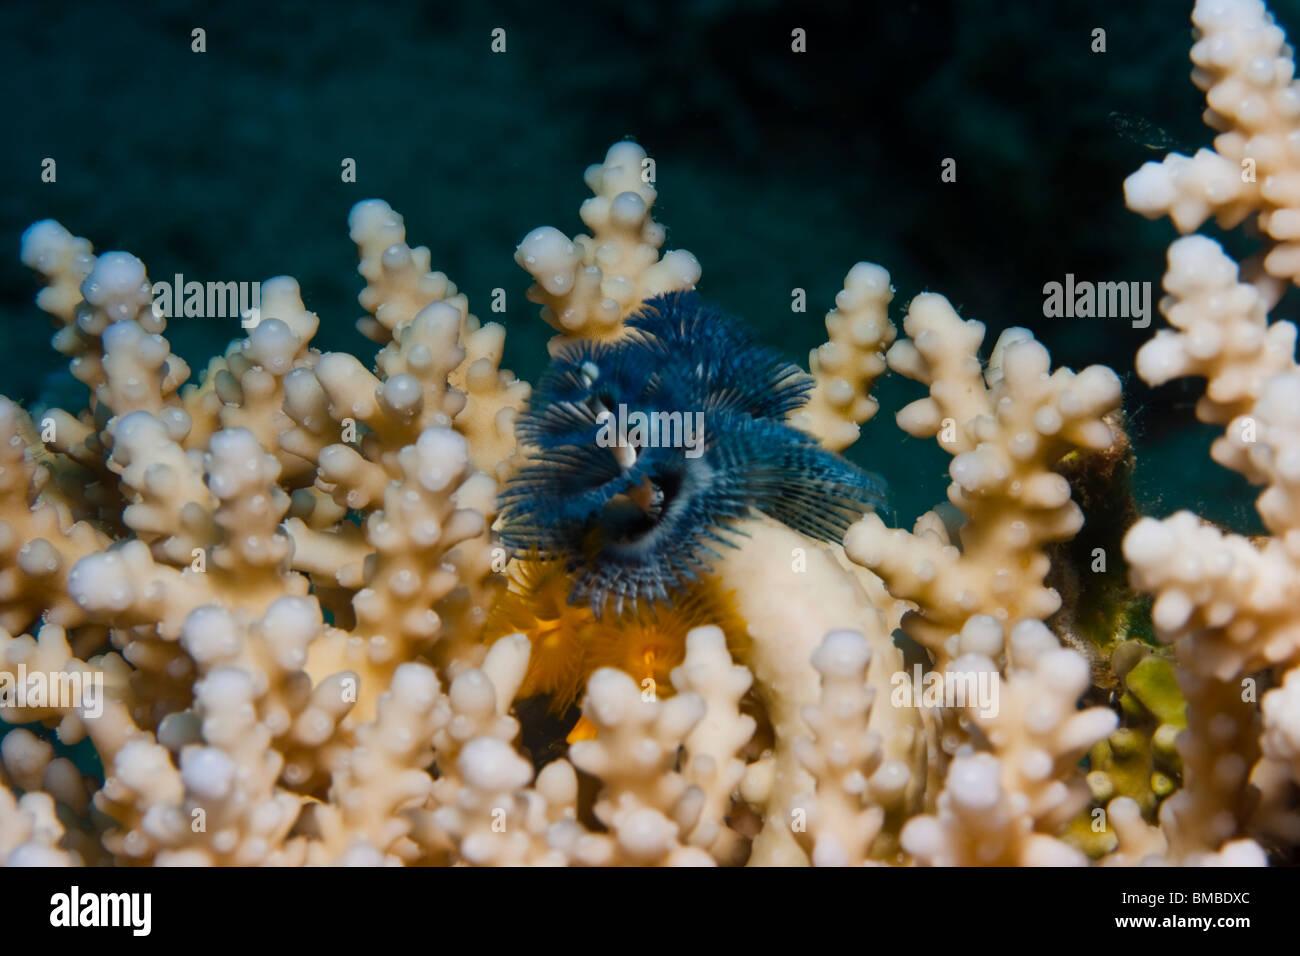 Tube-dwelling anemone (Spirobranchus Giganteus) - Stock Image